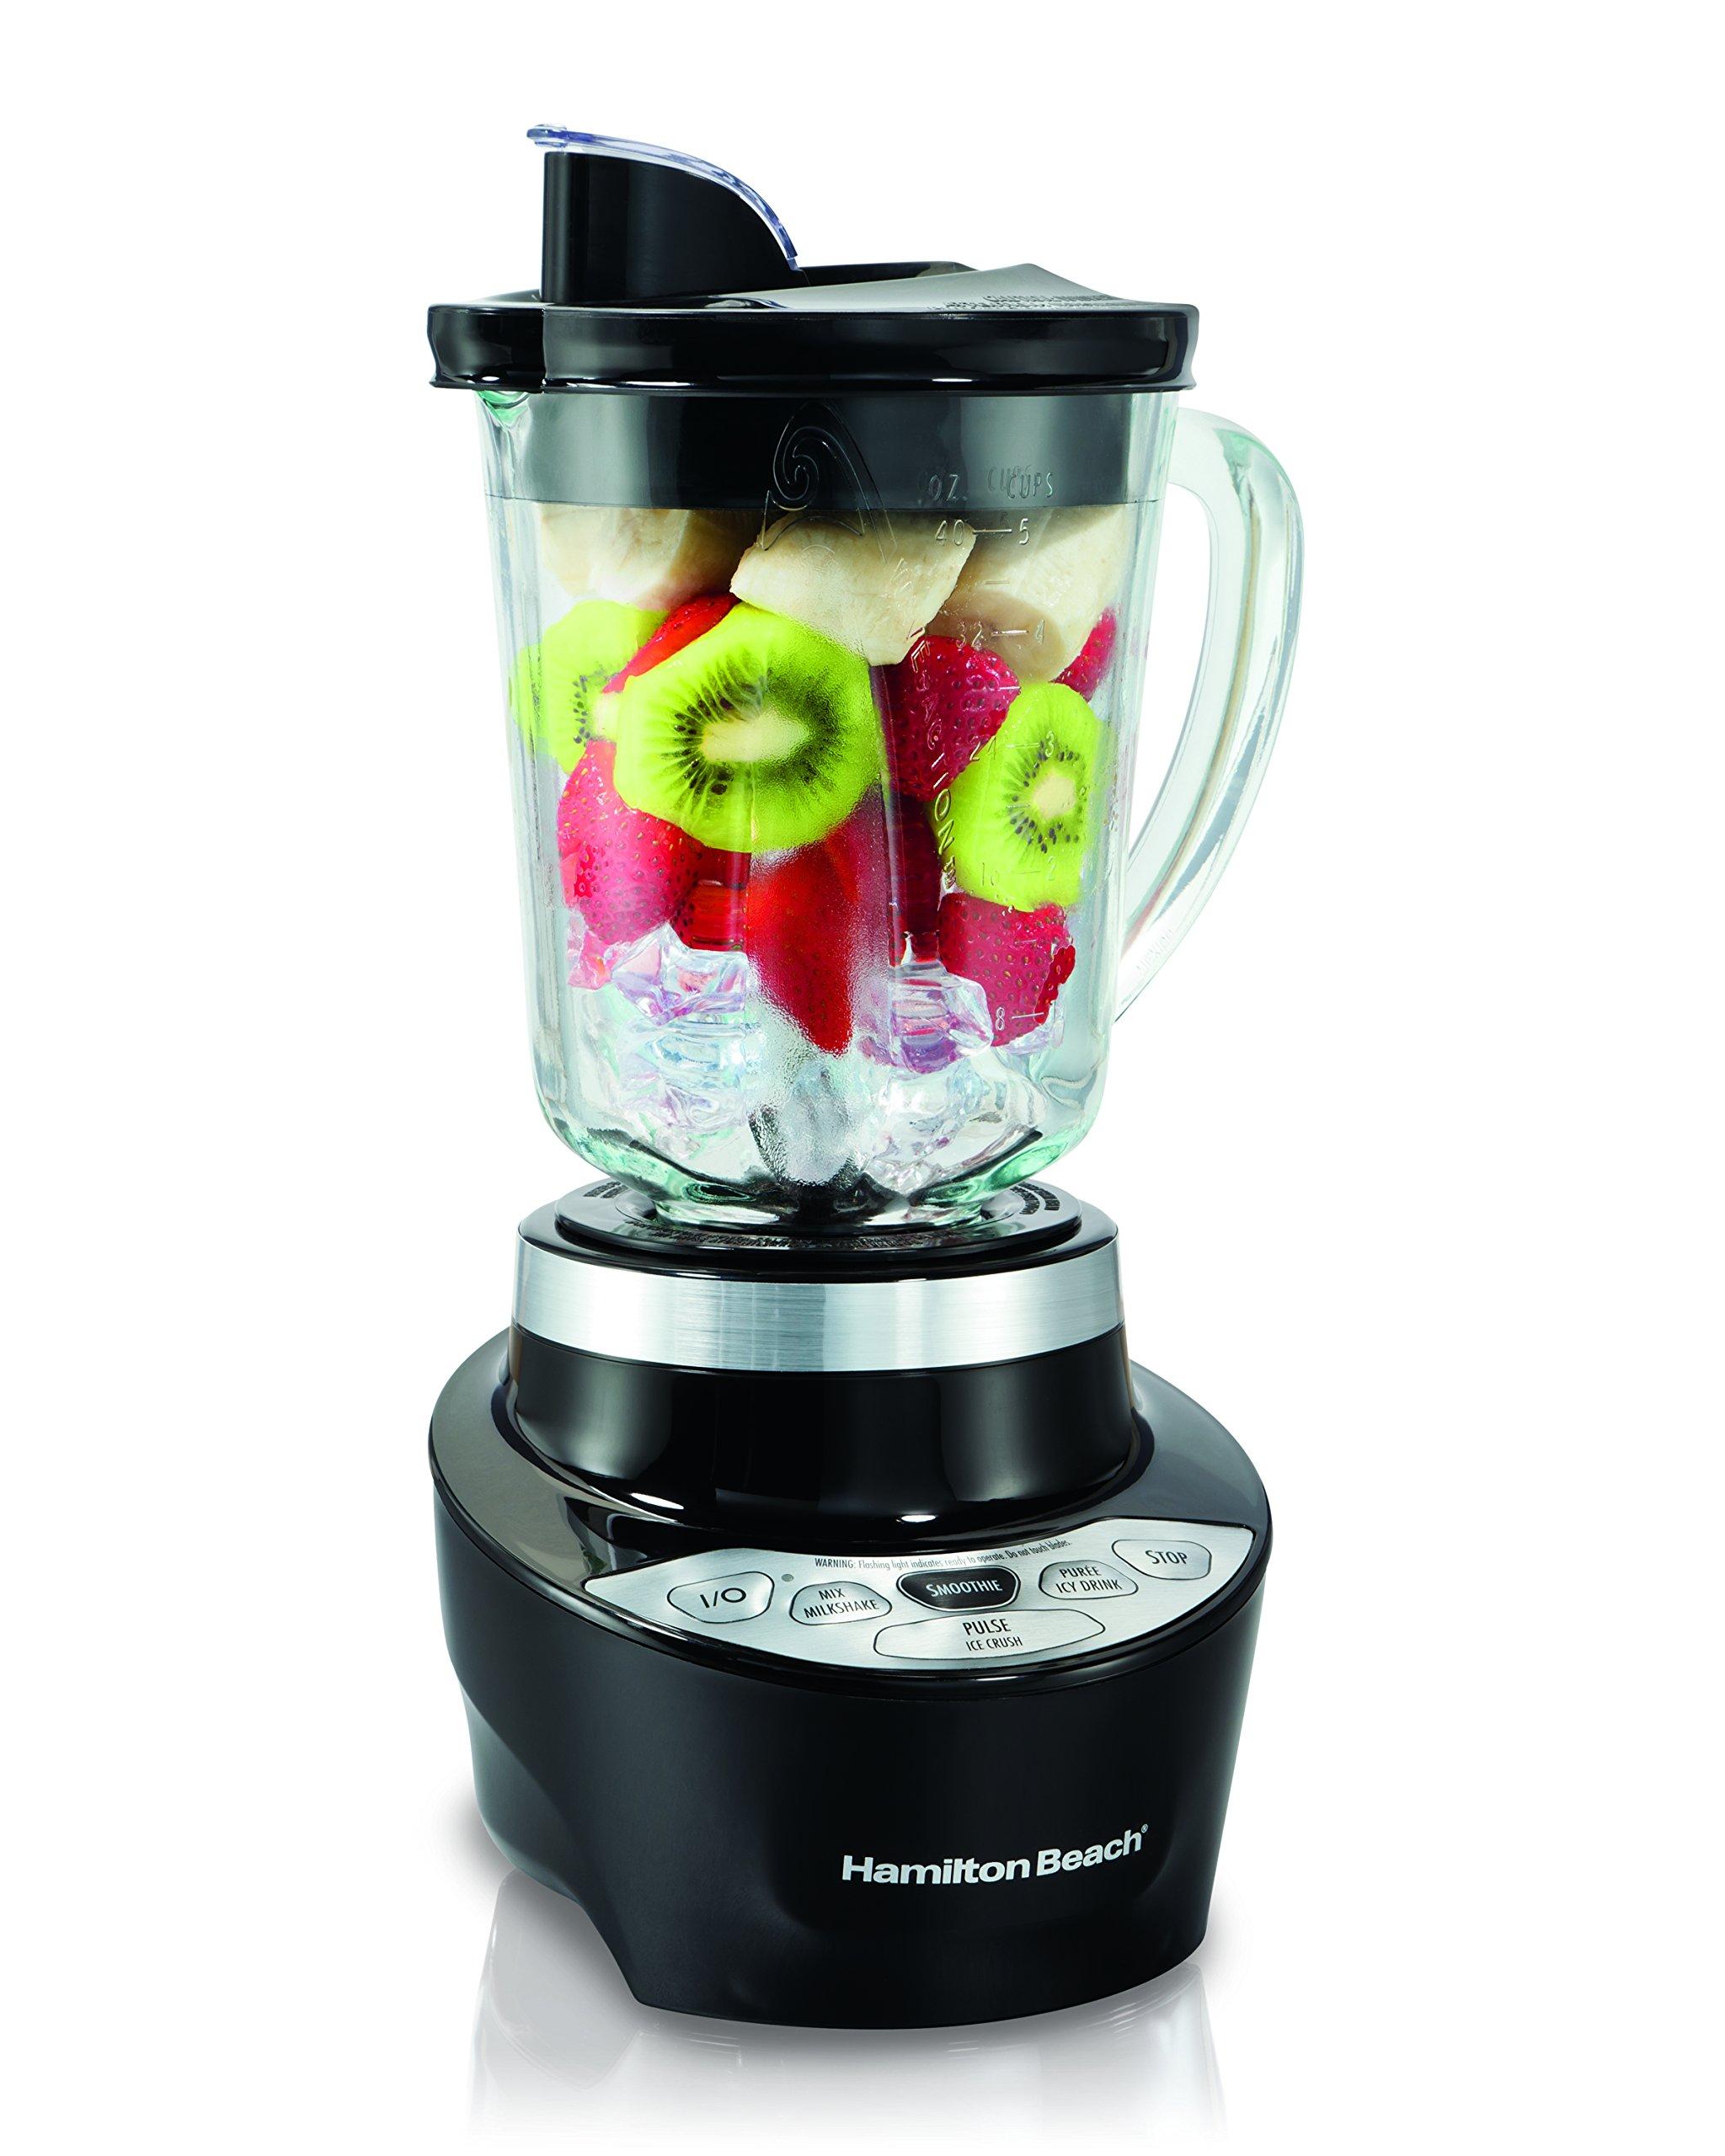 Hamilton Beach Smoothie Smart Blender with 5 Speeds & 40 oz Glass Jar, Black (56206)